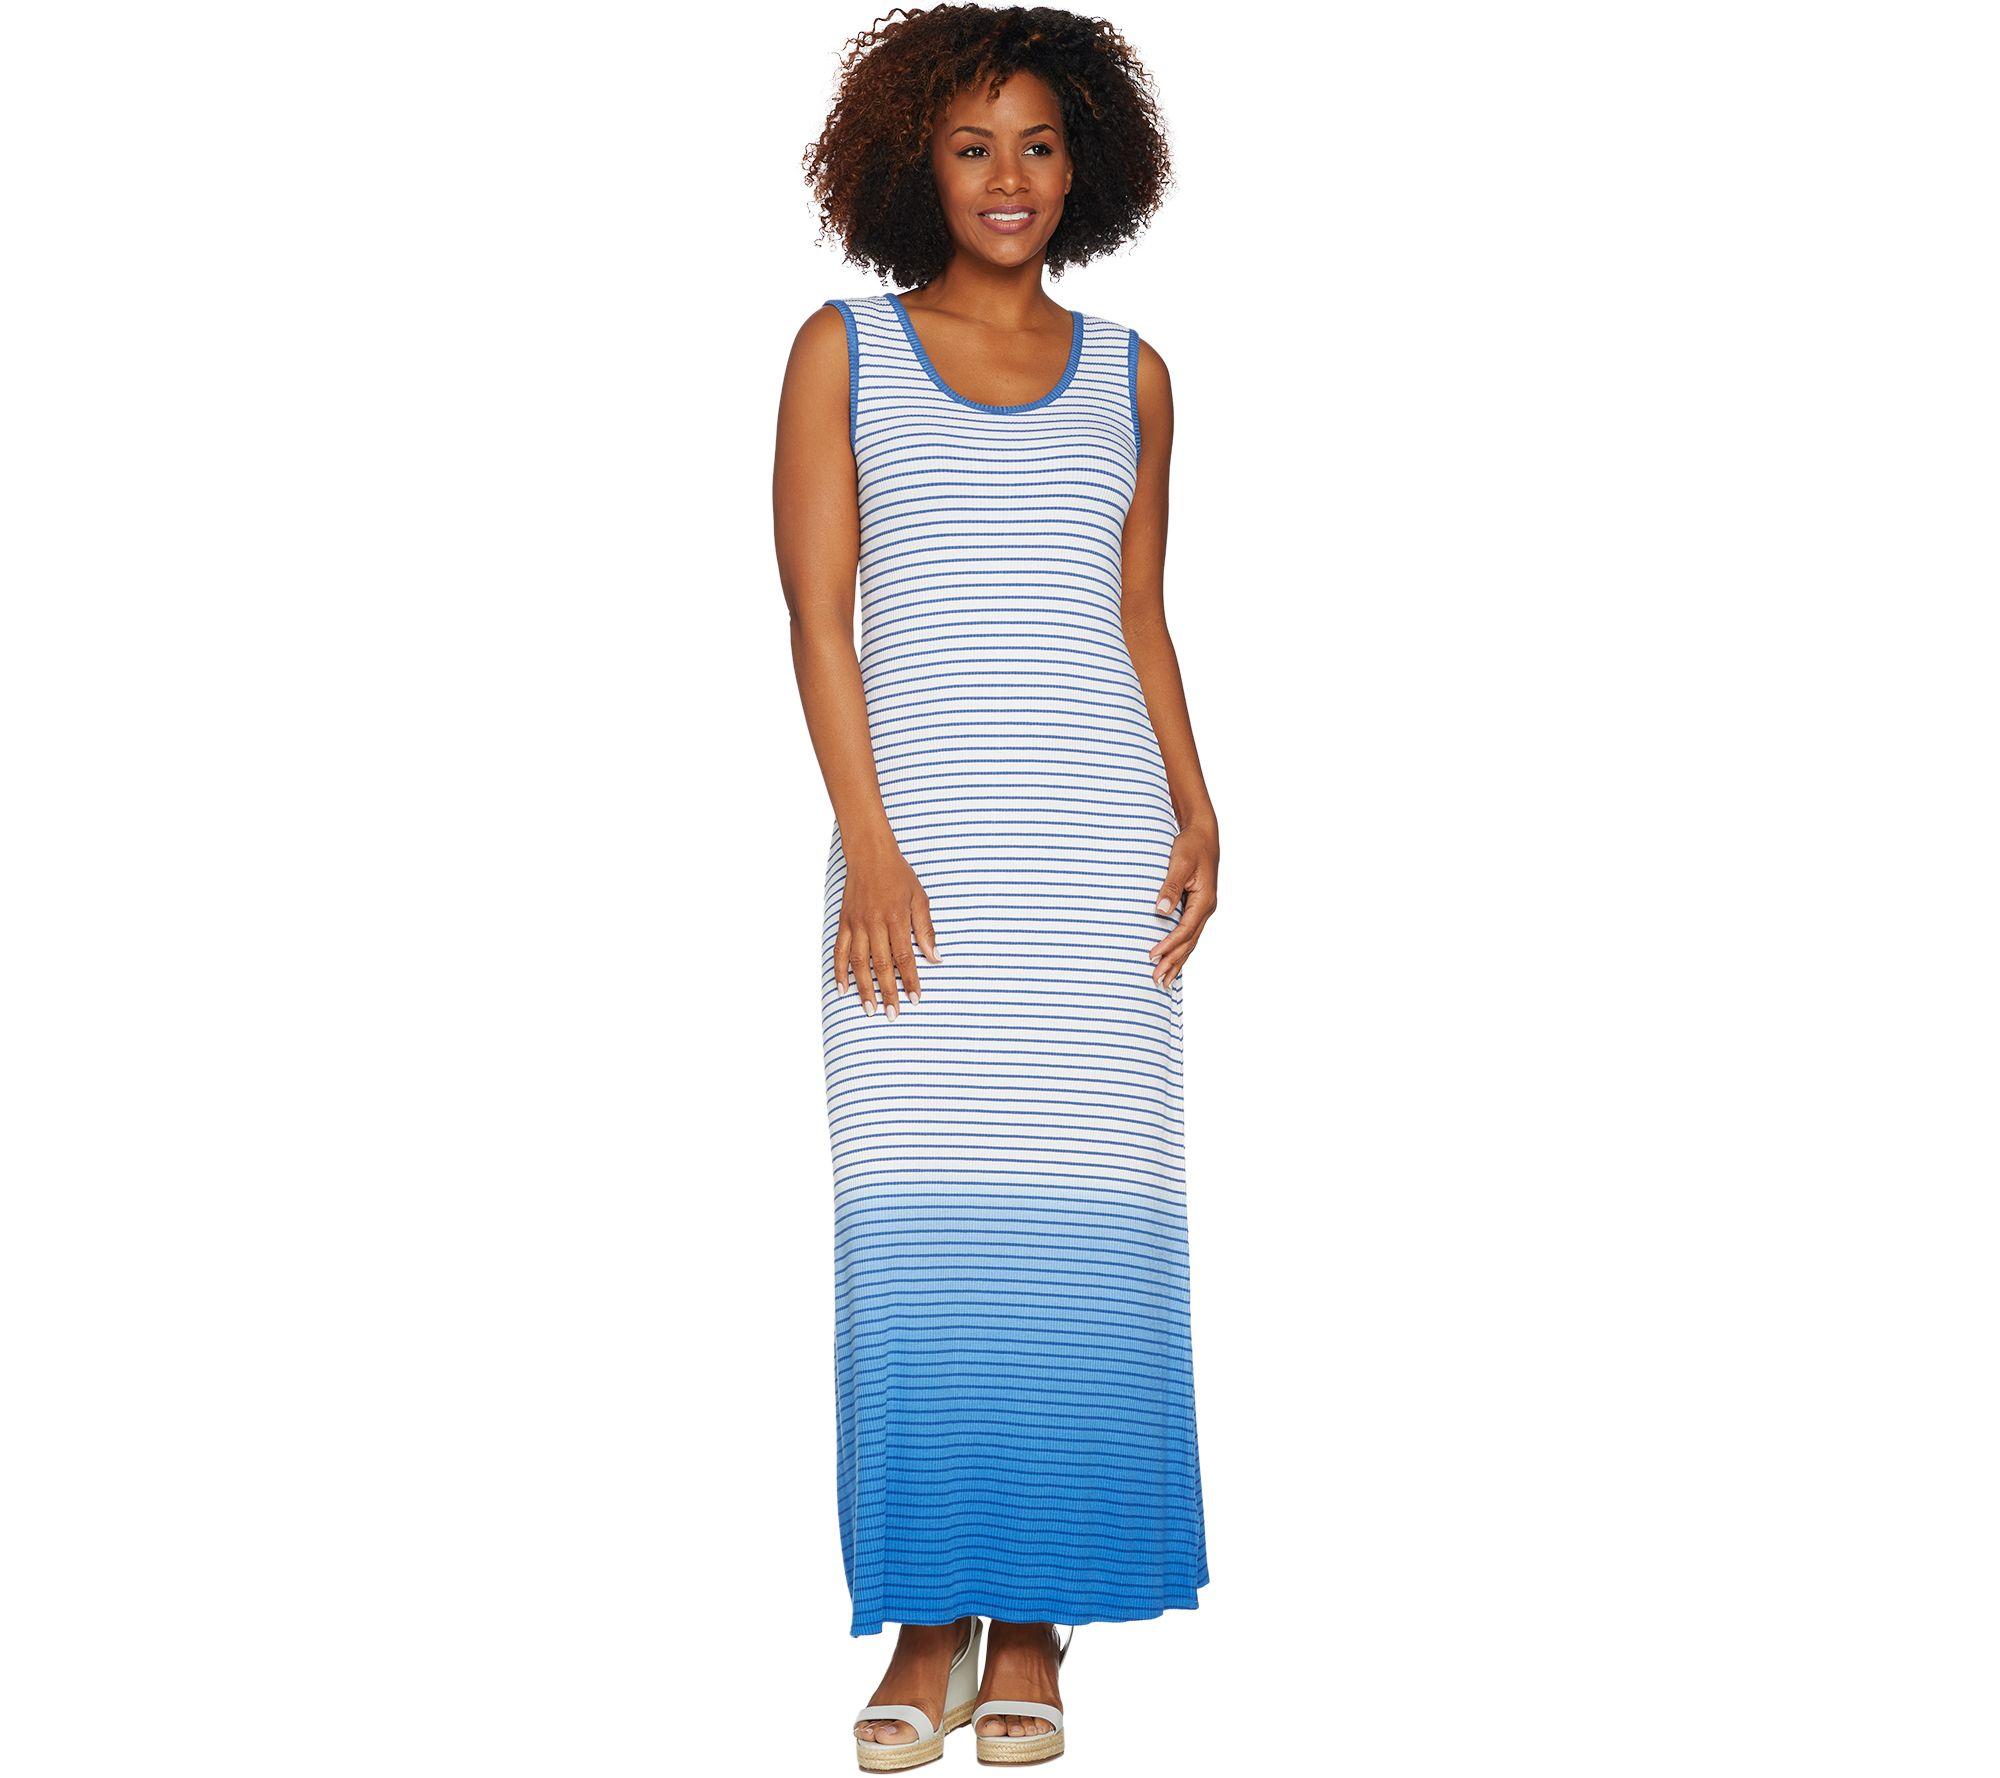 Lace dress size 6 ninja